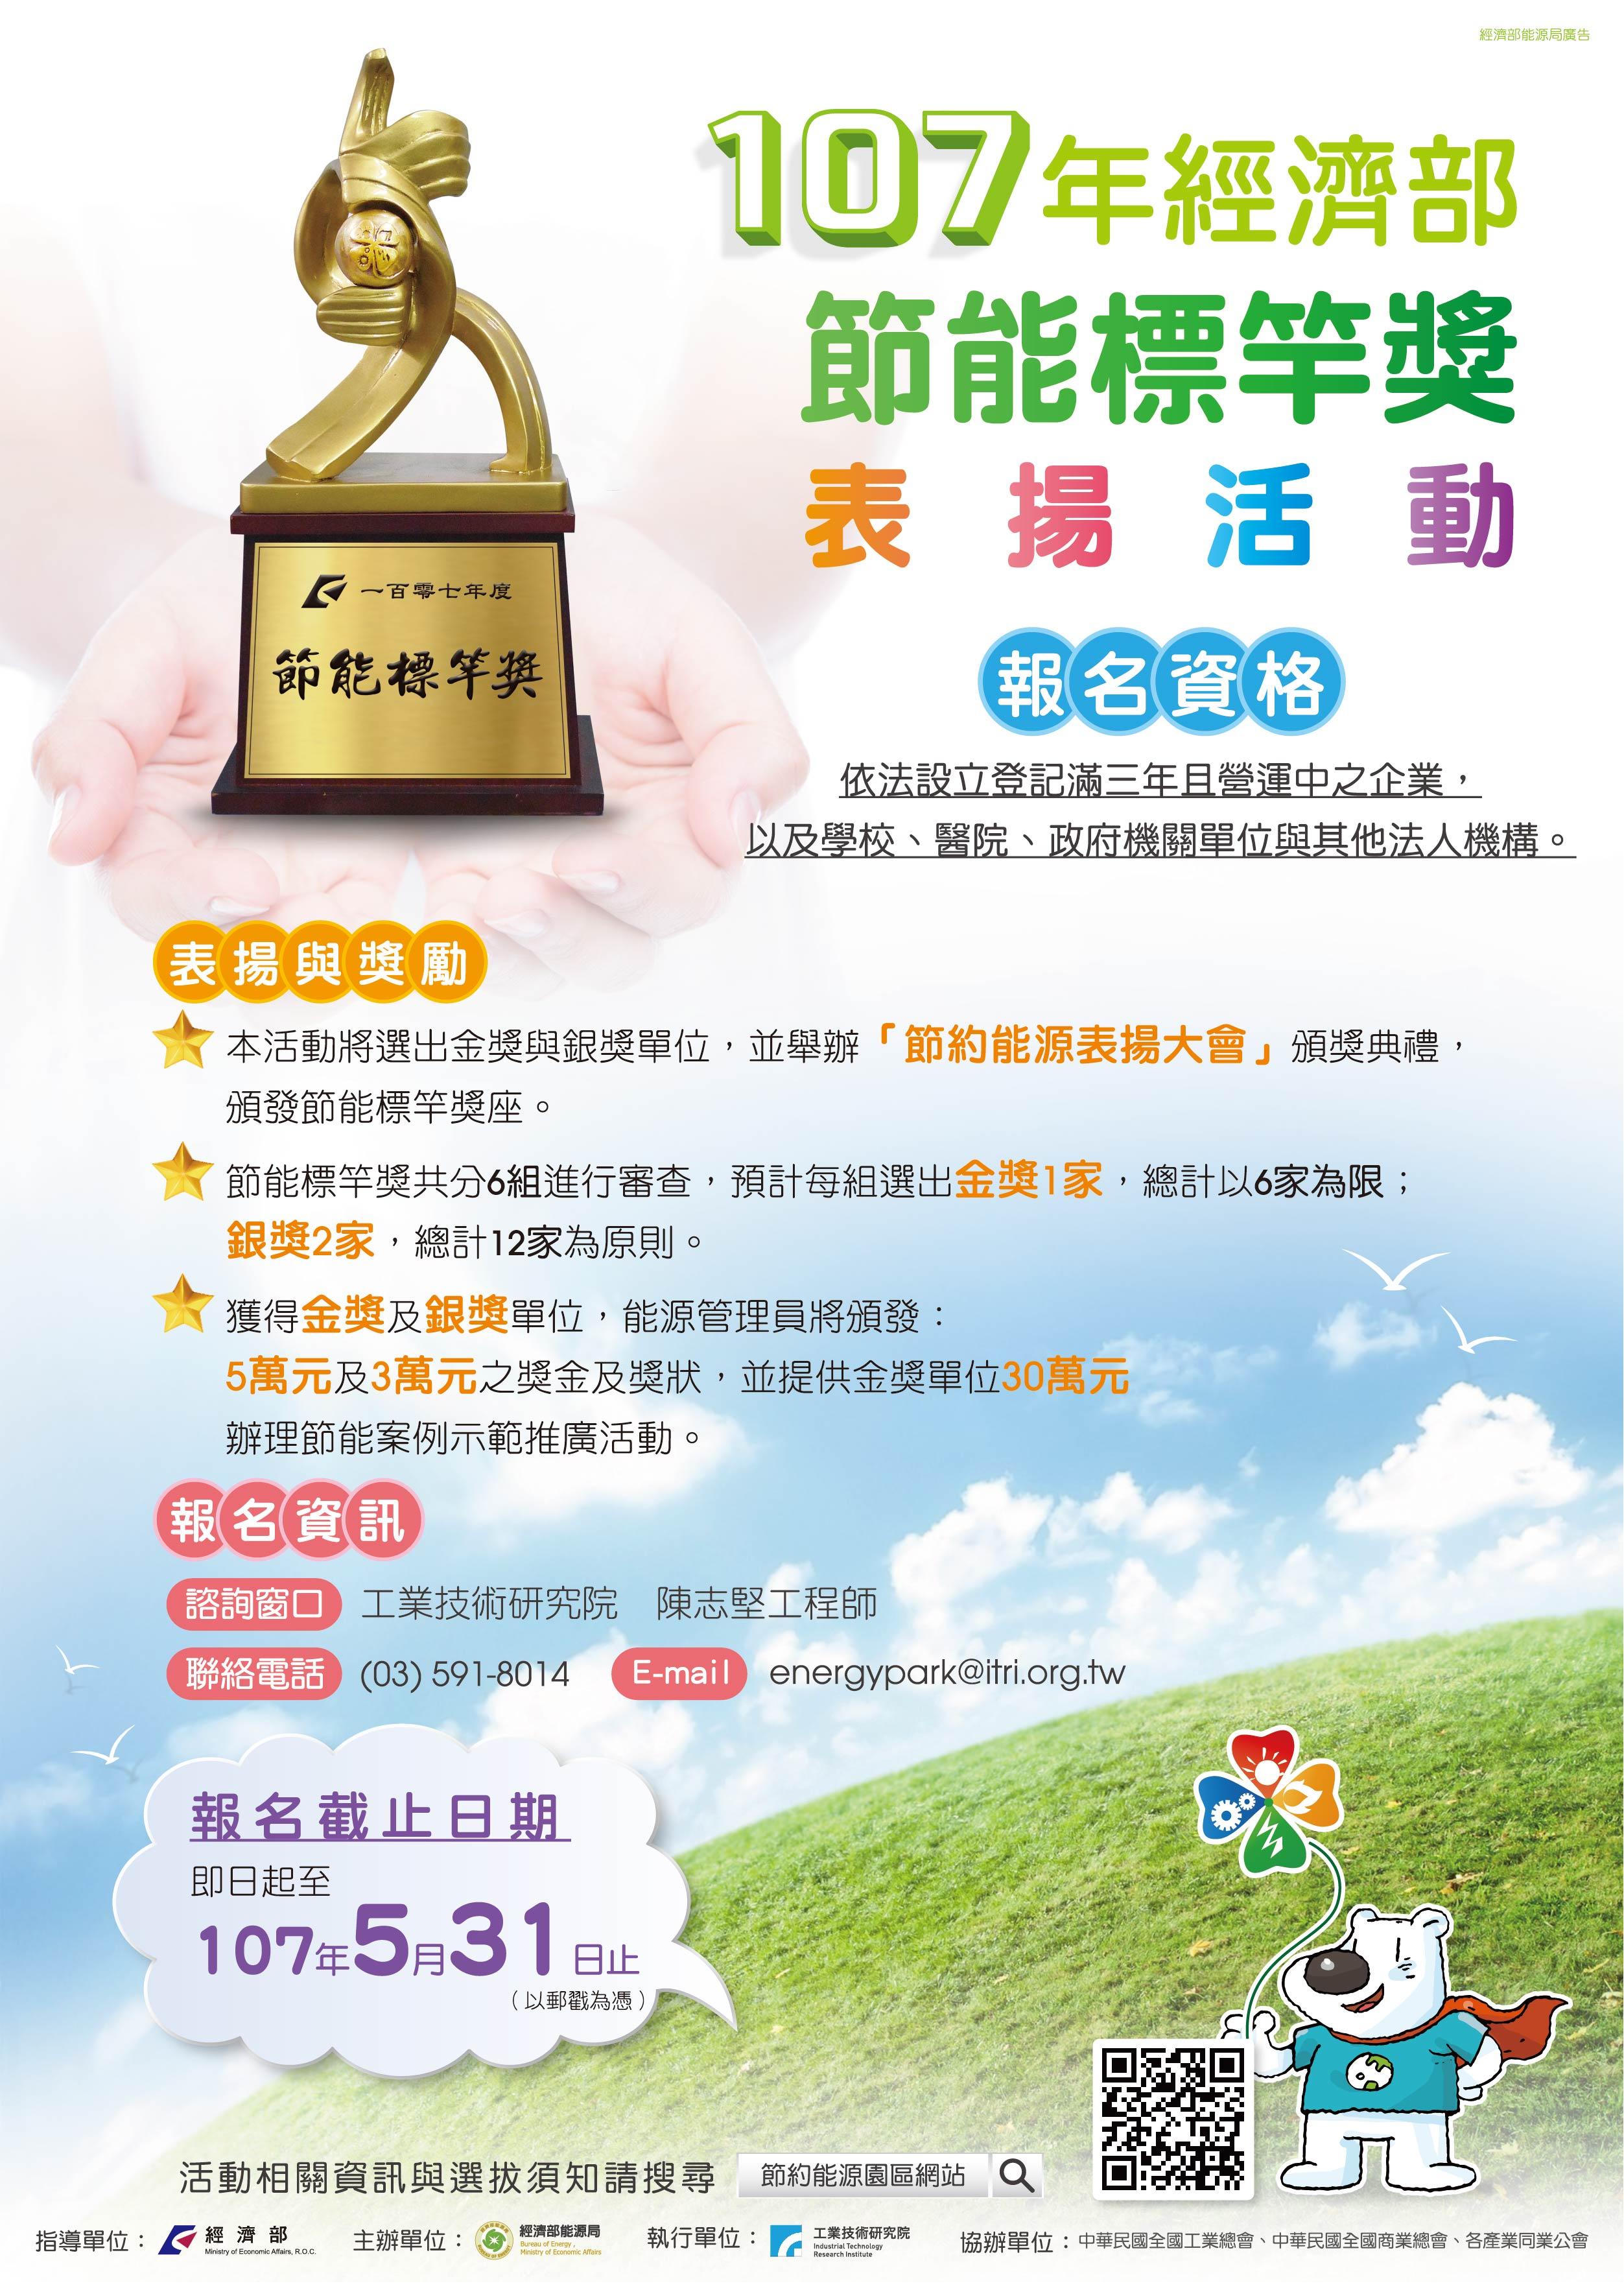 協助宣導「107年經濟部節能標竿獎表揚活動」  0